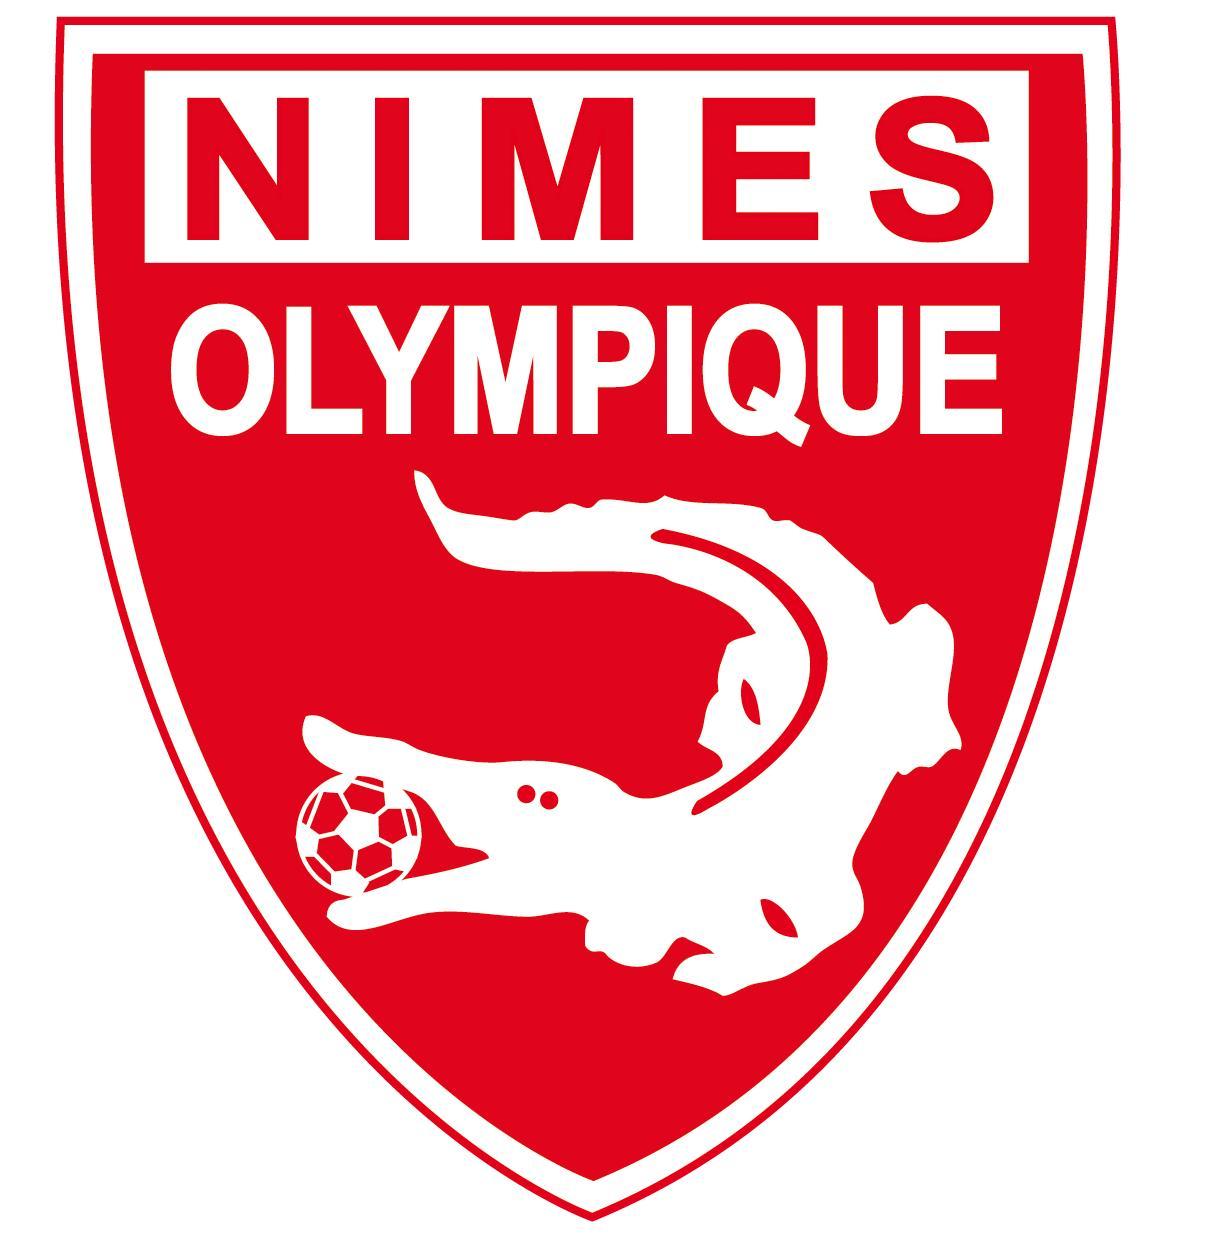 Promotions sur les abonnements au Nîmes Olympique - Ex : Abonnement annuel Tribune Est